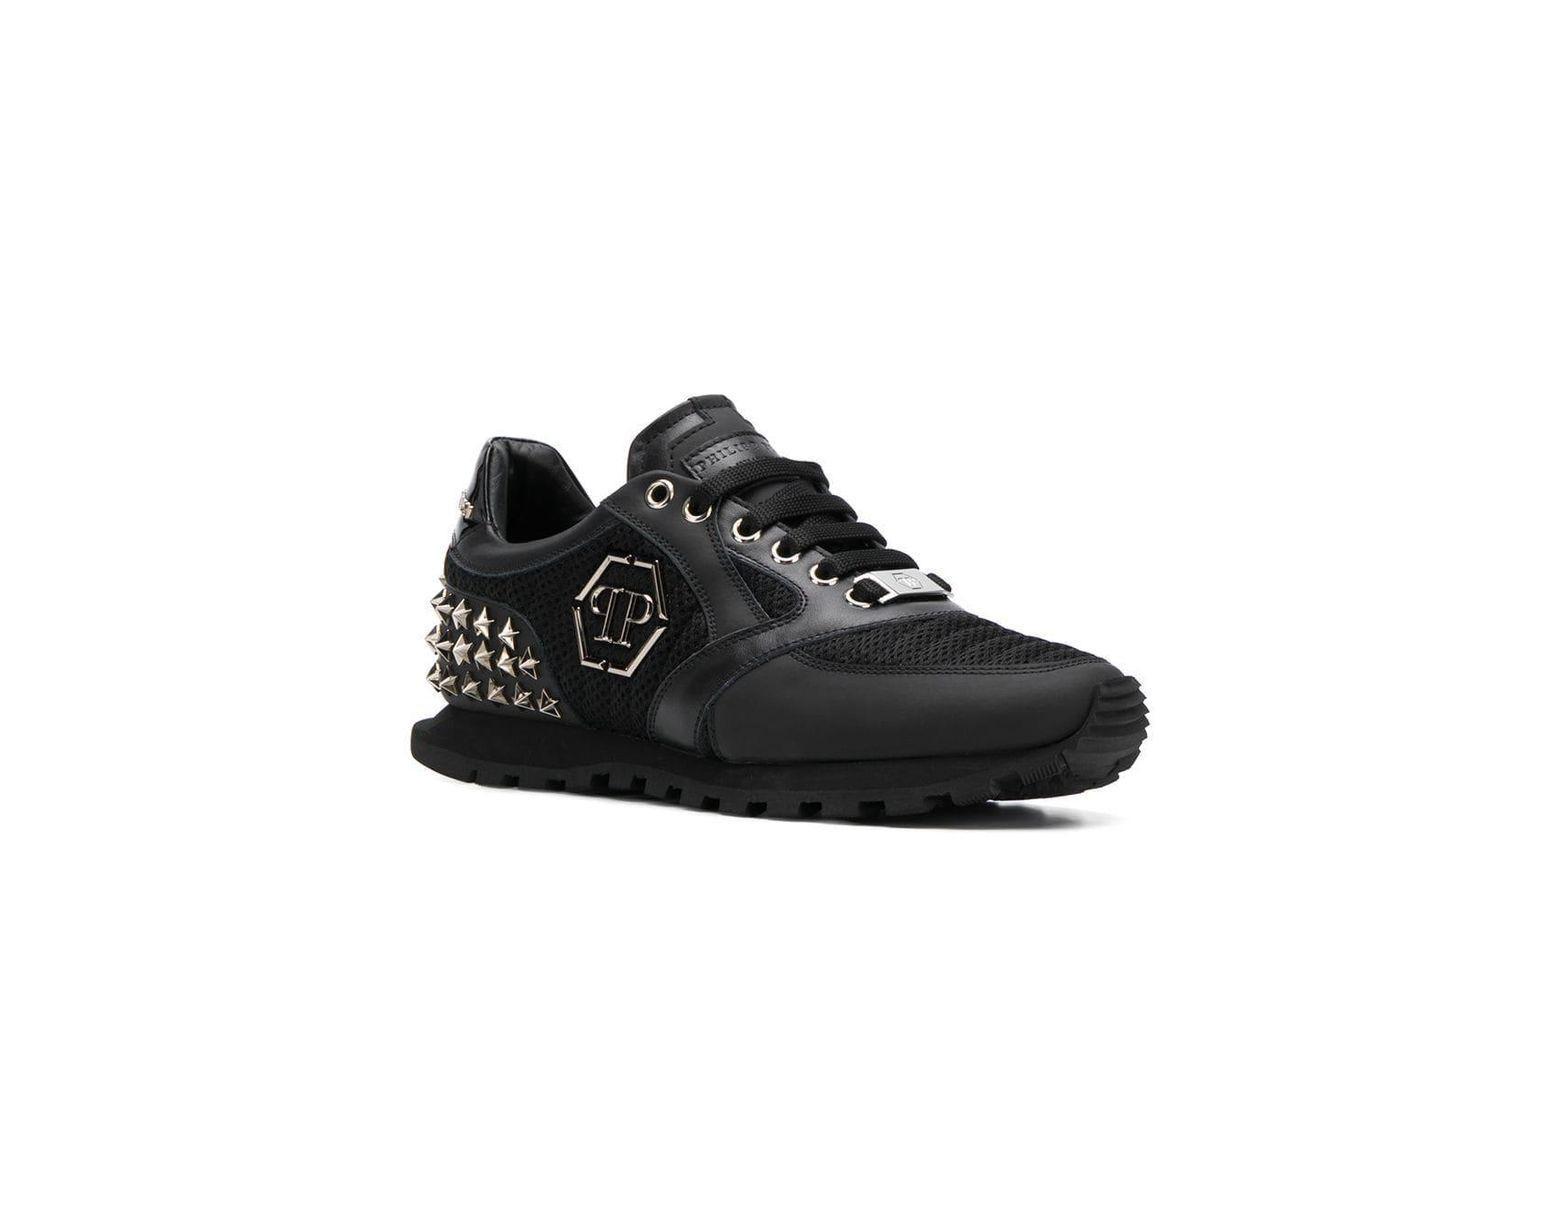 Philipp Wayne Lyst Sneakers Runner Black Plein In 7gYvfb6y